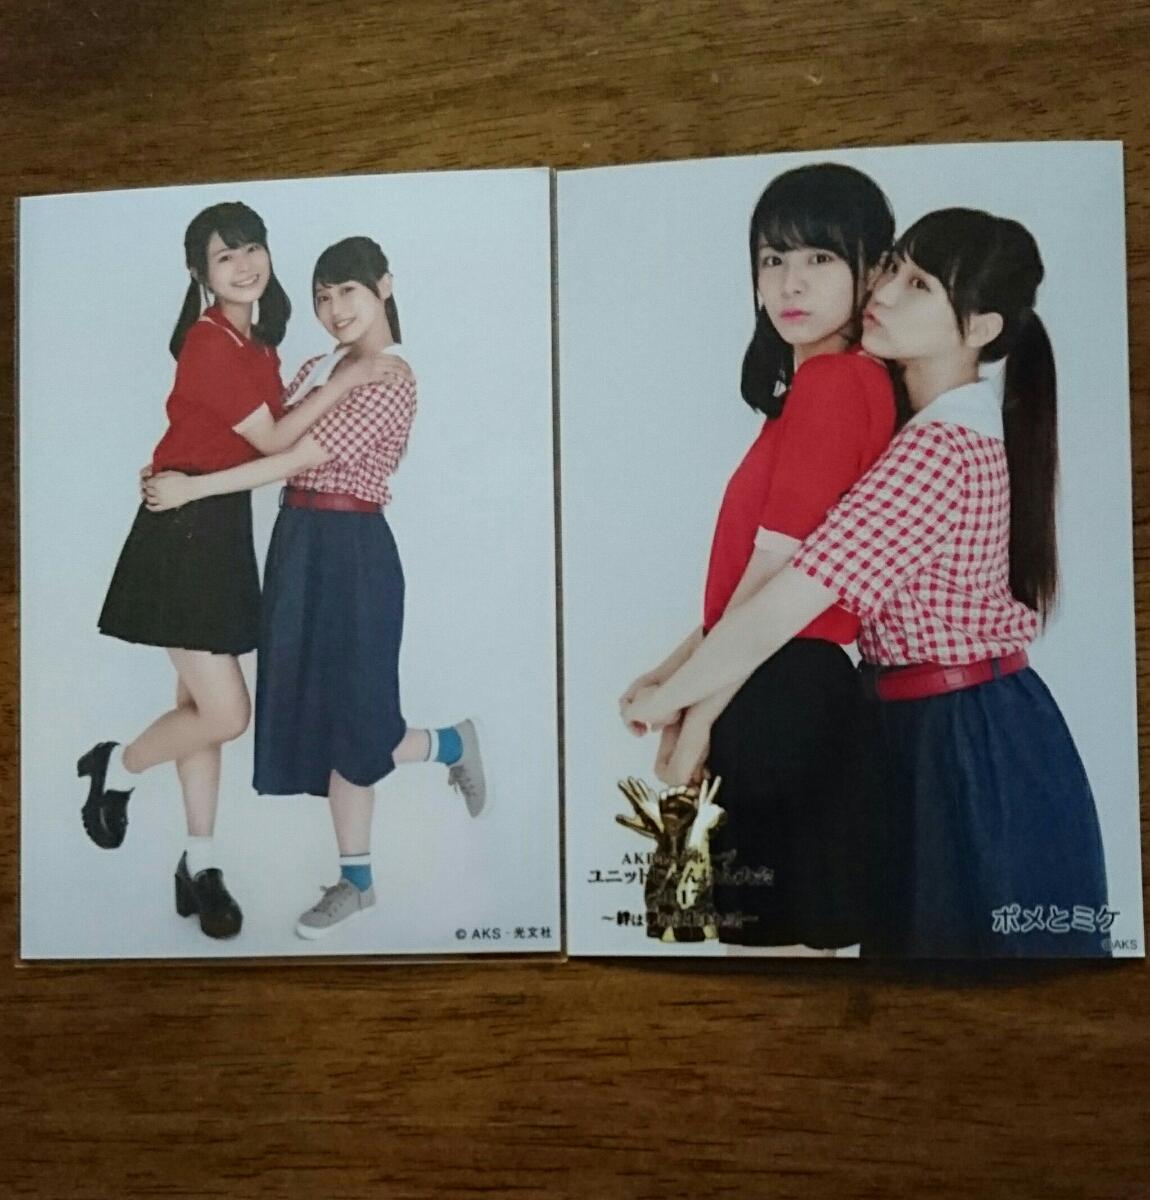 【2種コンプ】AKB48 ユニット じゃんけん大会 公式ガイドブック 2017 外付け写真 会場写真 ポメとミケ HKT48 豊永阿紀 NGT48 本間日陽 ライブ・総選挙グッズの画像